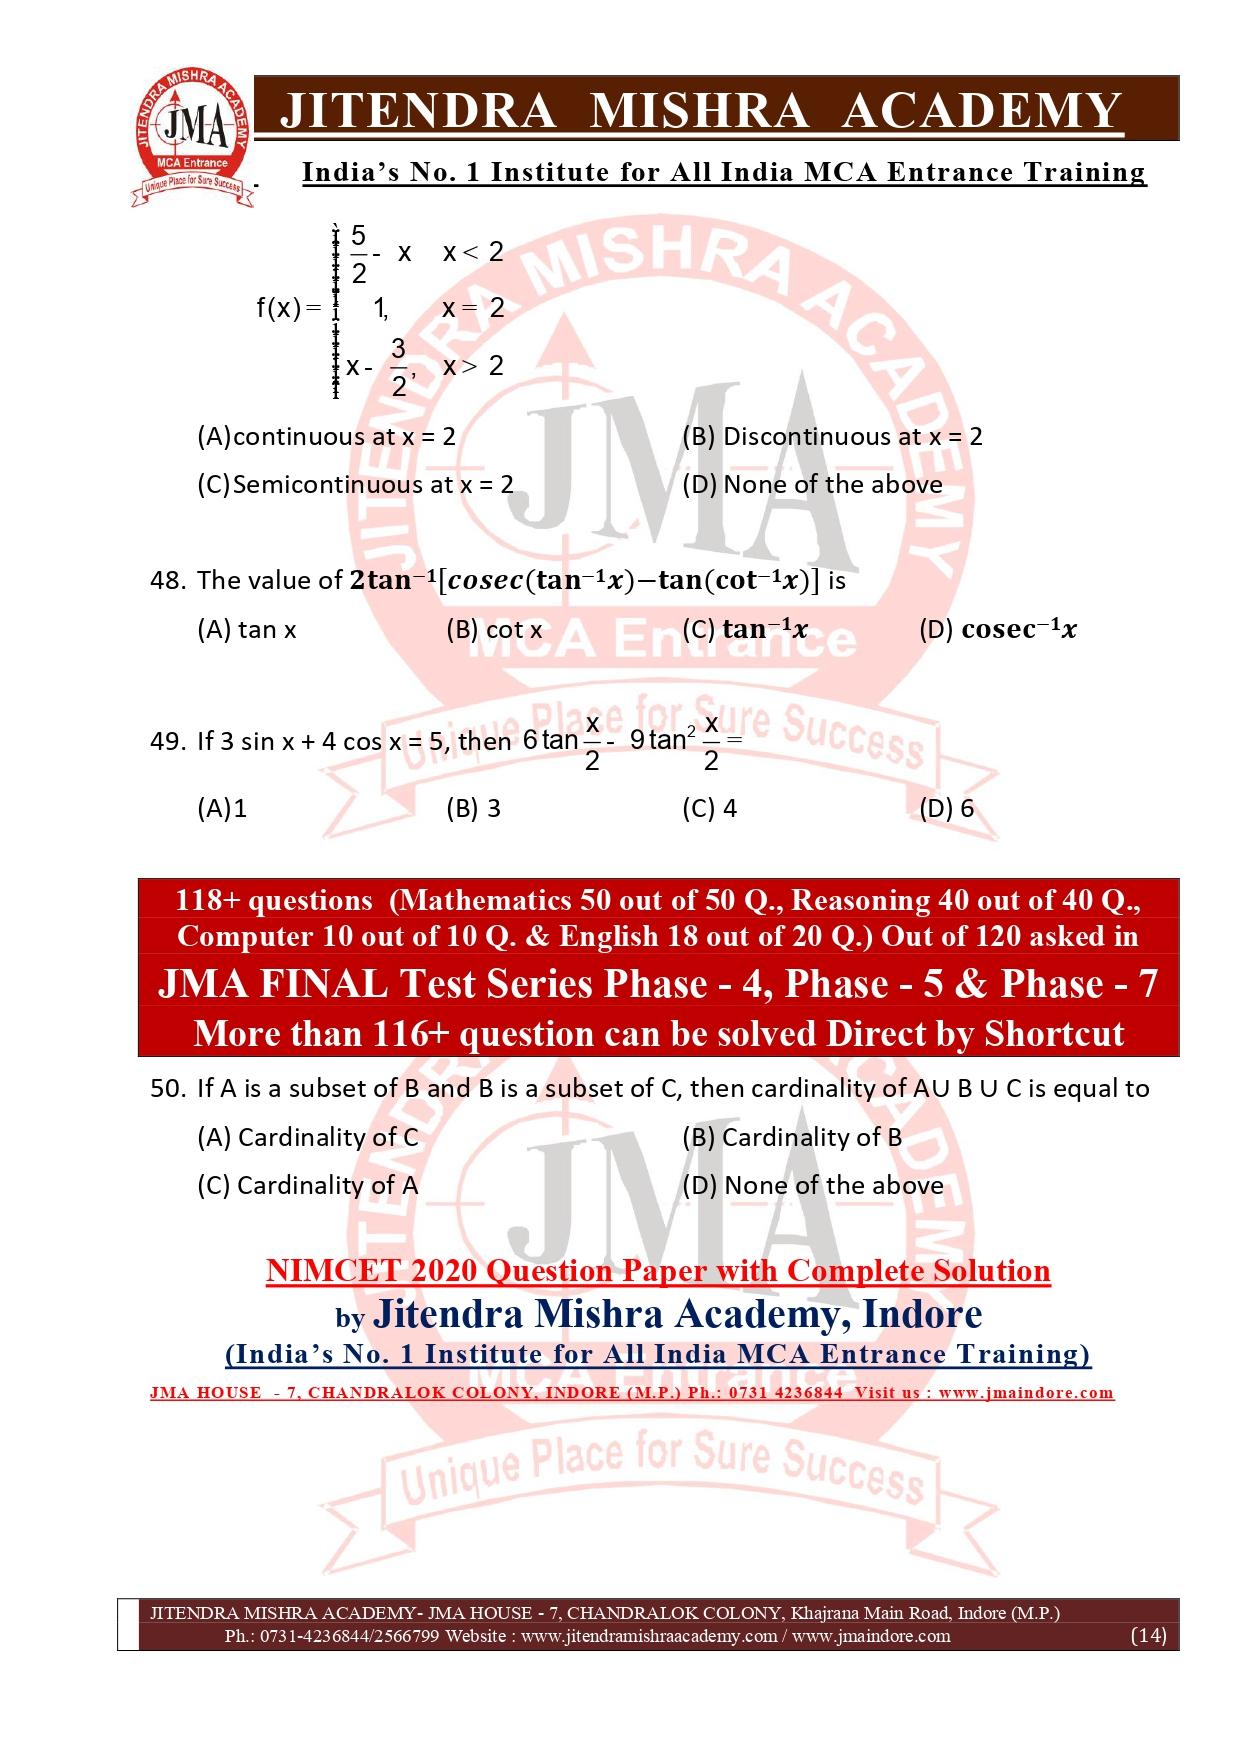 NIMCET 2020 QUESTION PAPER (FINAL)_page-0014